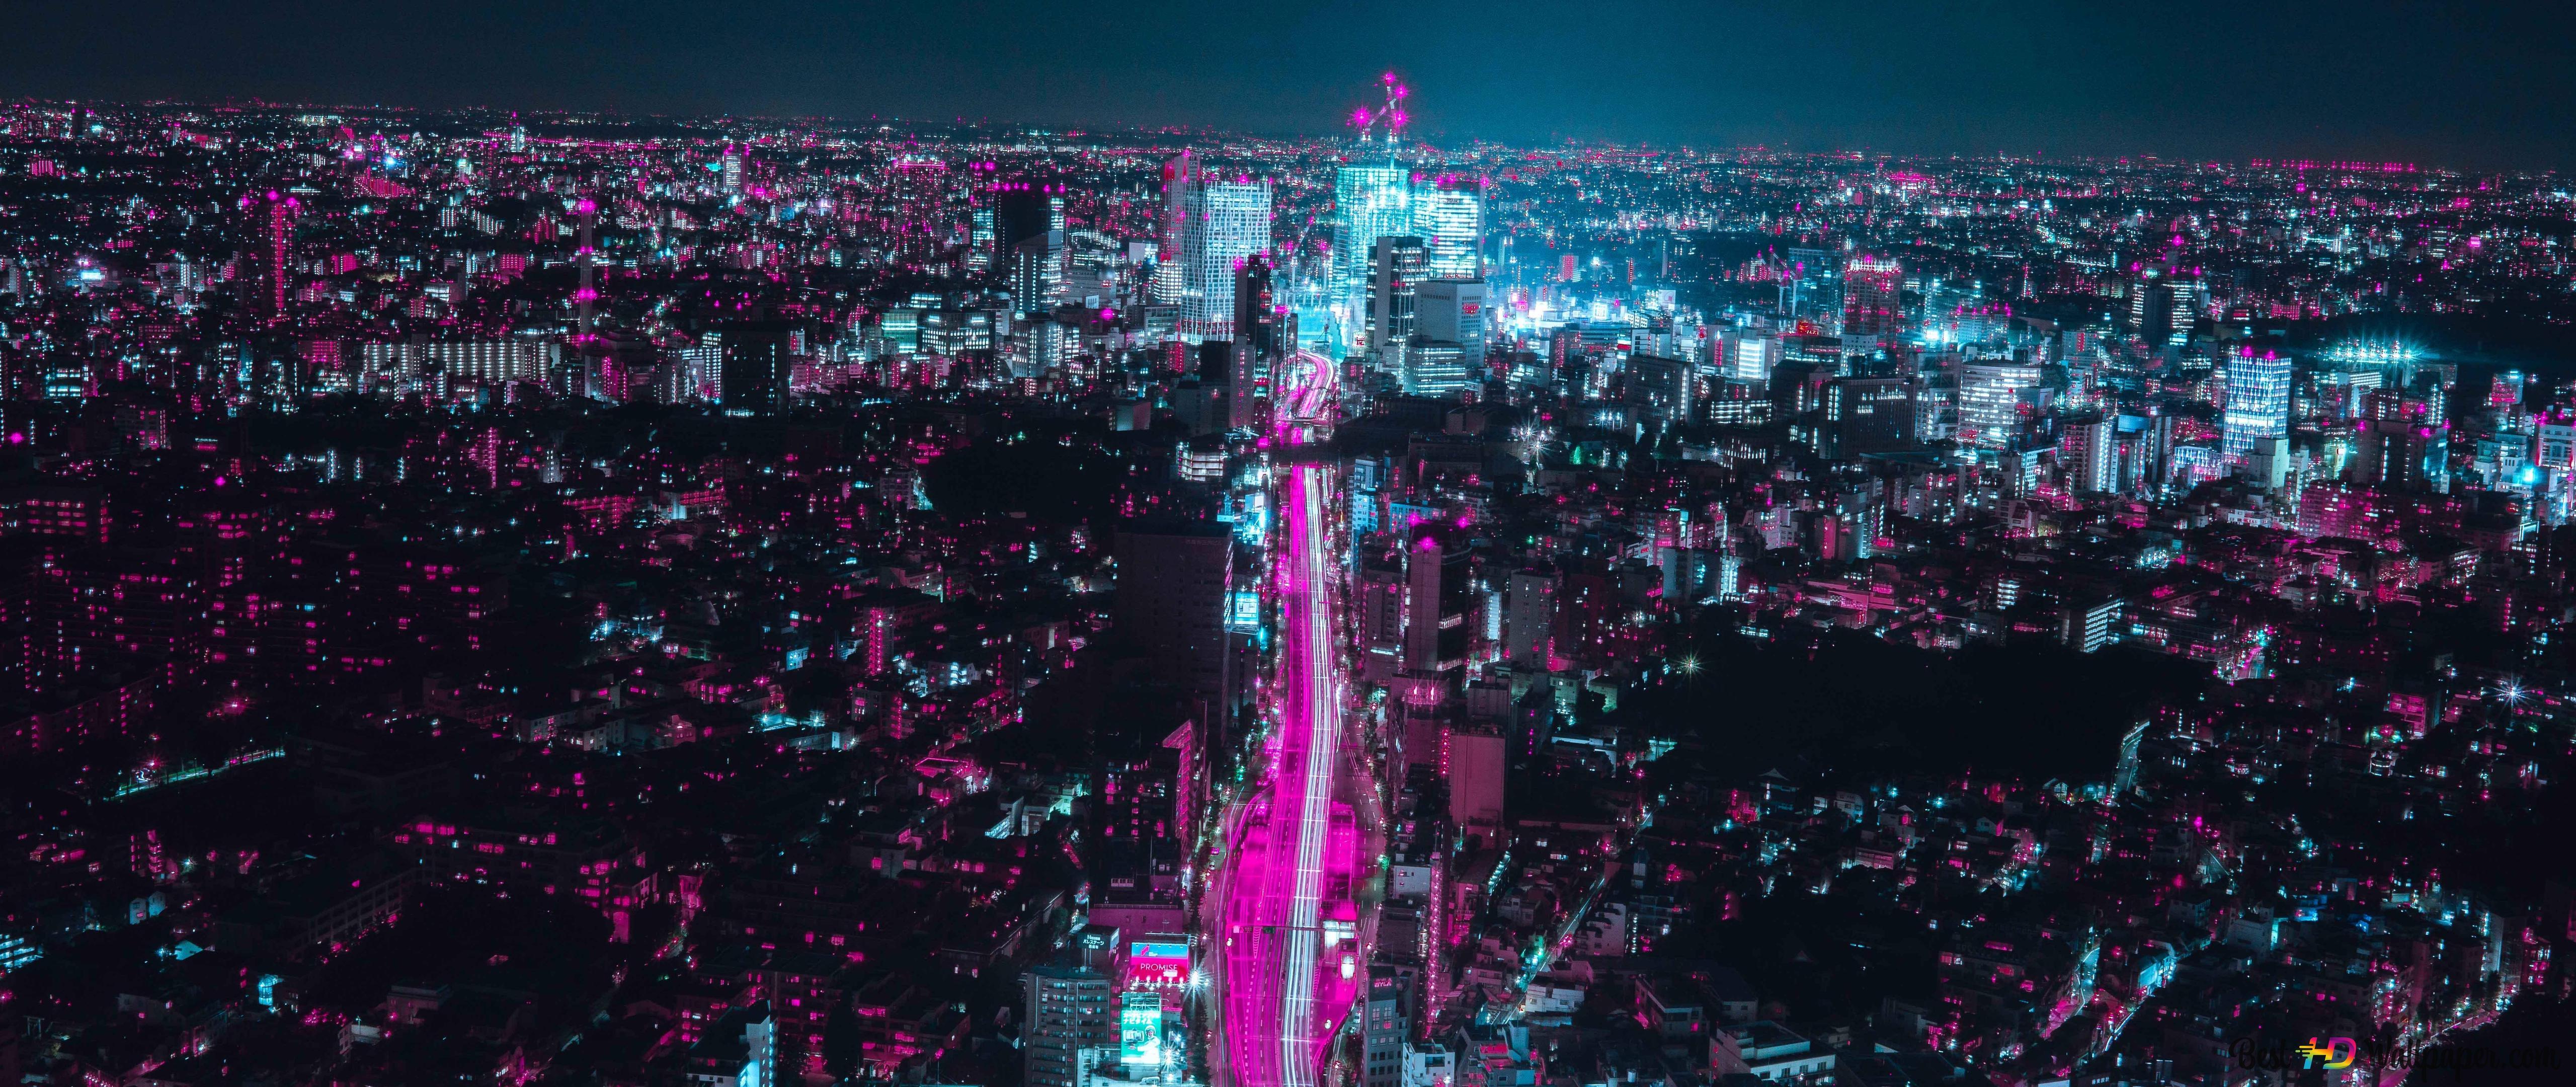 اليابان أوساكا 8k تنزيل خلفية Hd